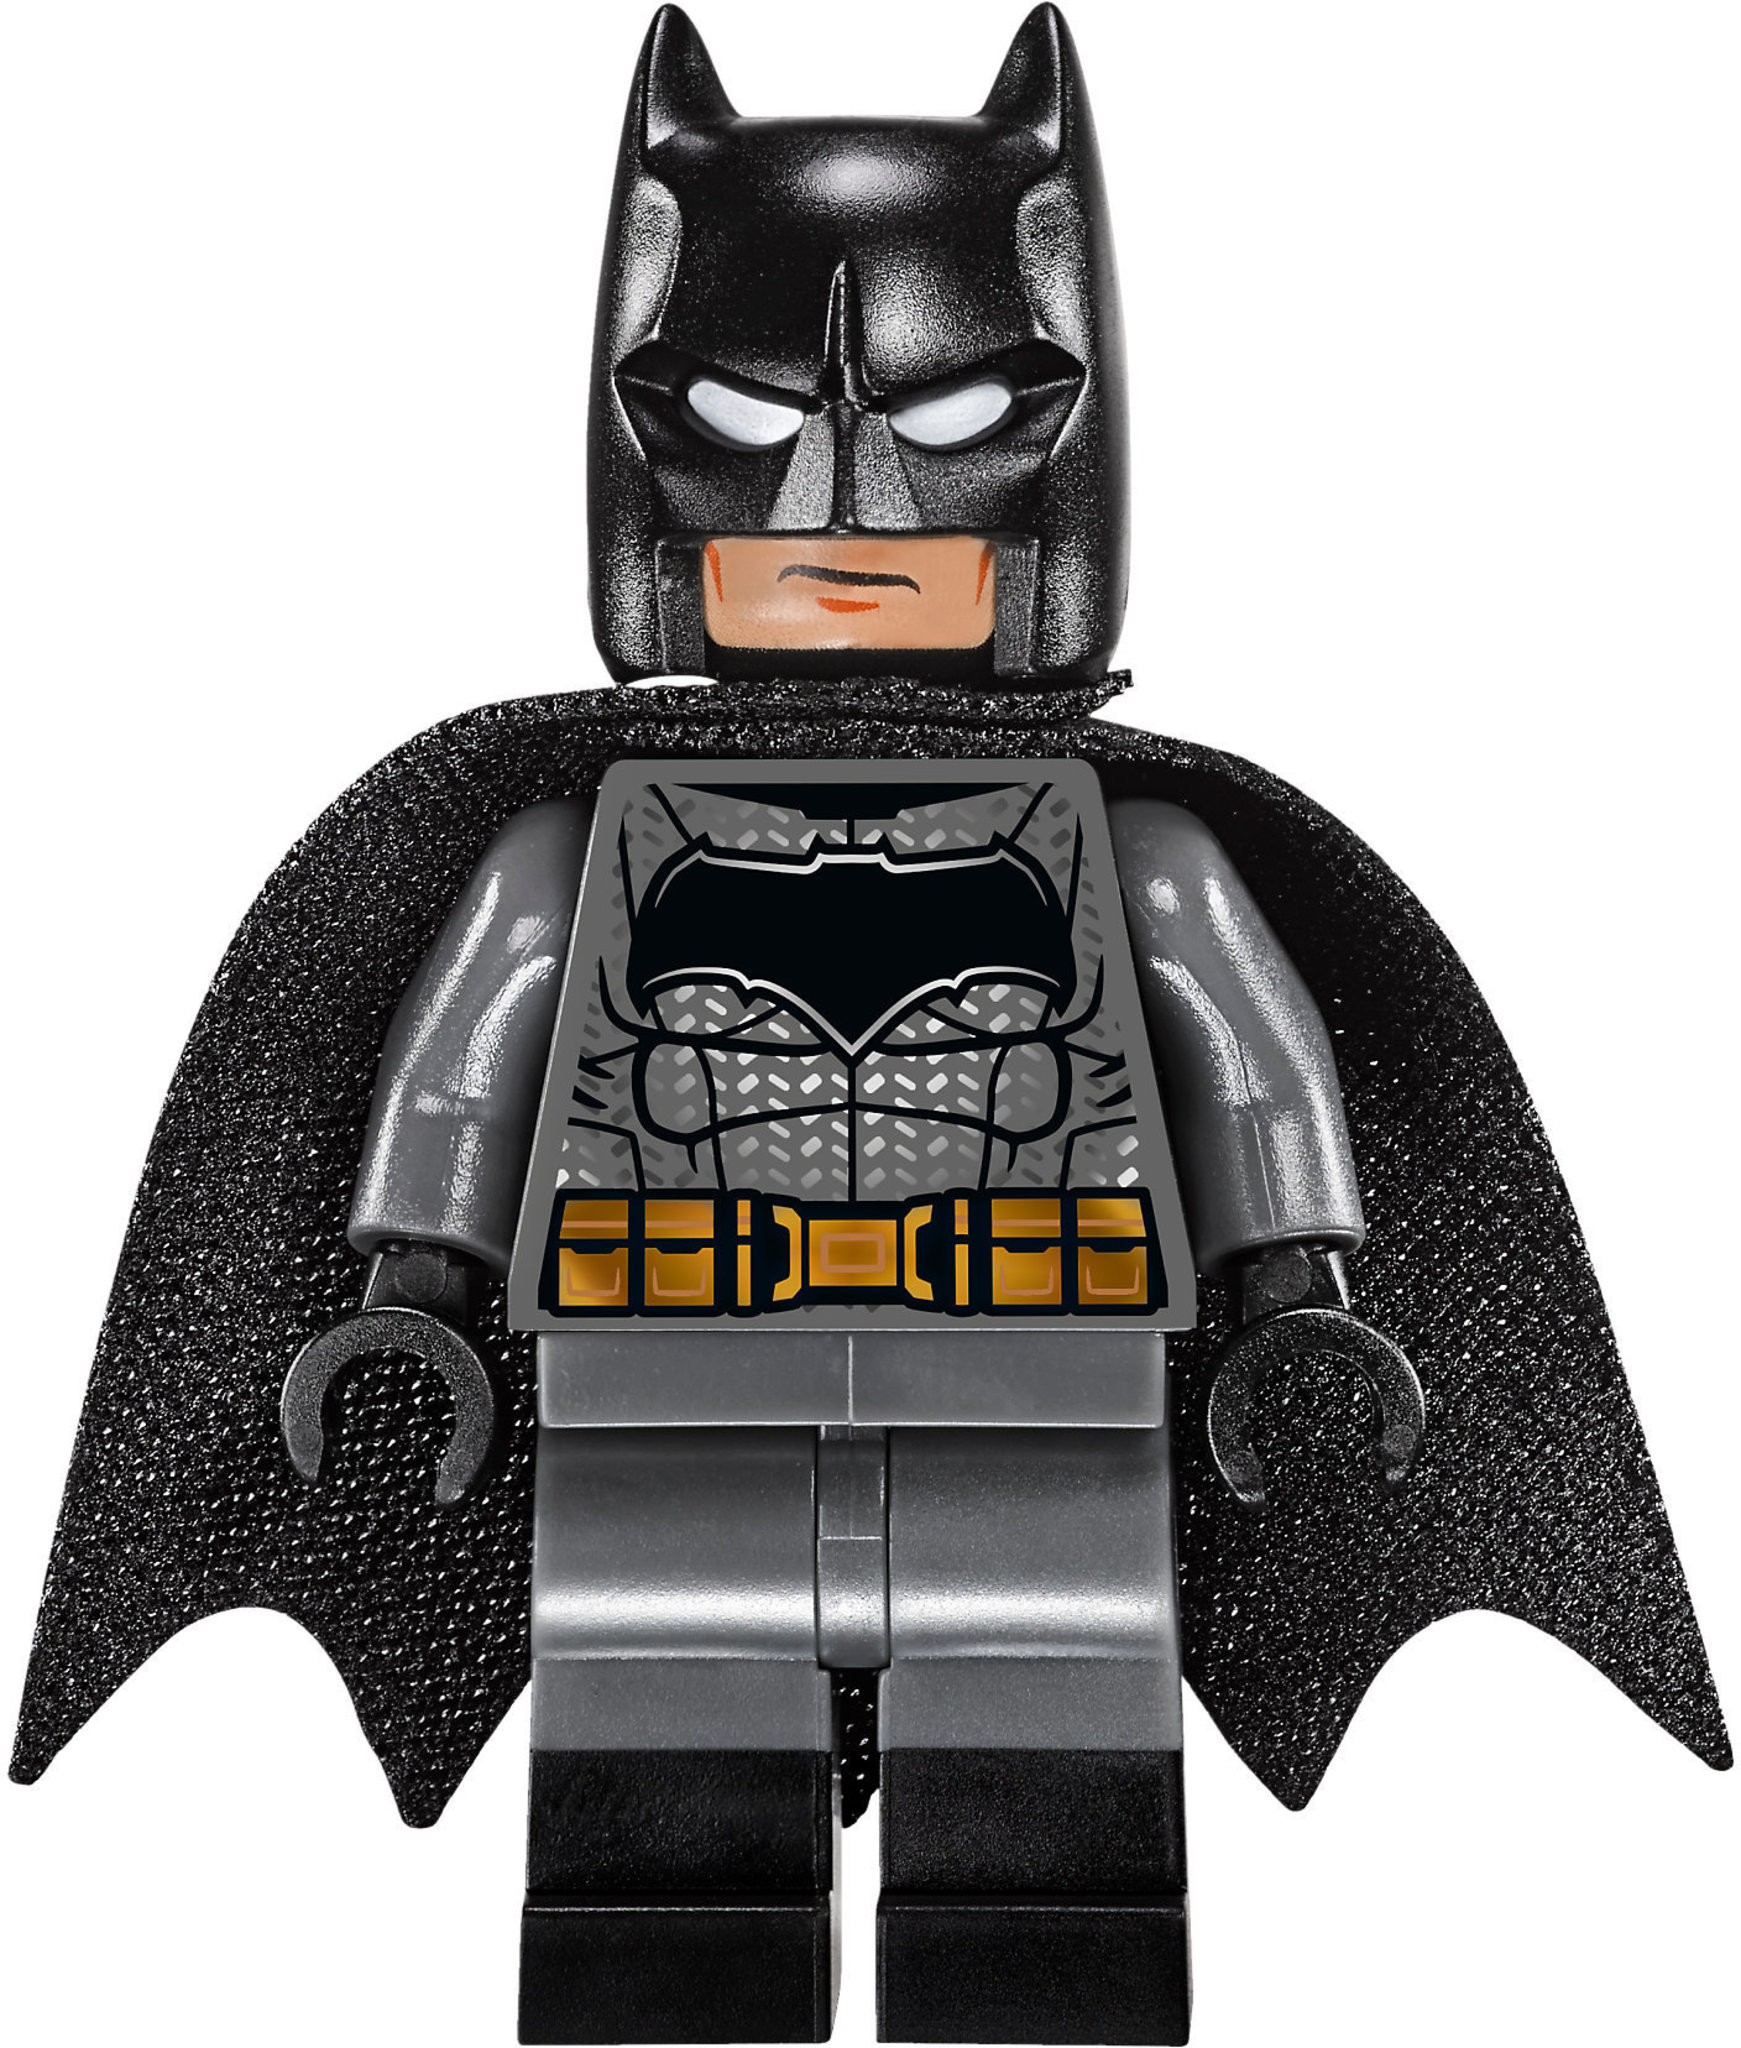 LEGO ® DC COMICS SUPER HEROES 76046-GLI EROI DI GIUSTIZIA NUOVO SKY HIGH Battle